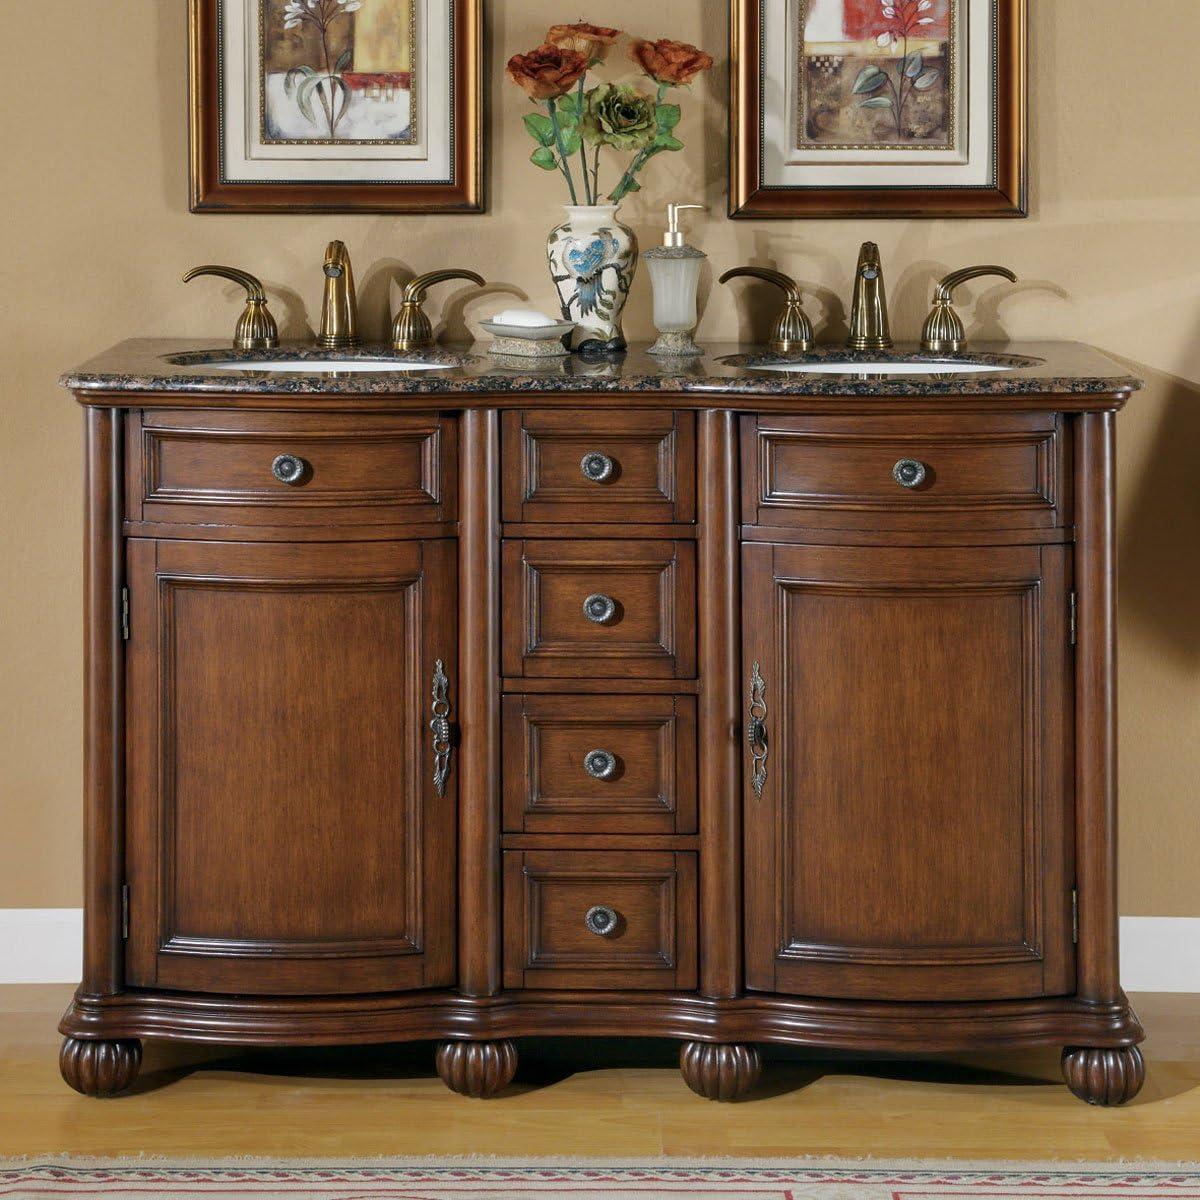 Silkroad Exclusive LTP-0180-BB-UIC-52 Baltic Brown Granite Top Double Sink Bathroom Vanity with Cabinet, 52 , Medium Wood